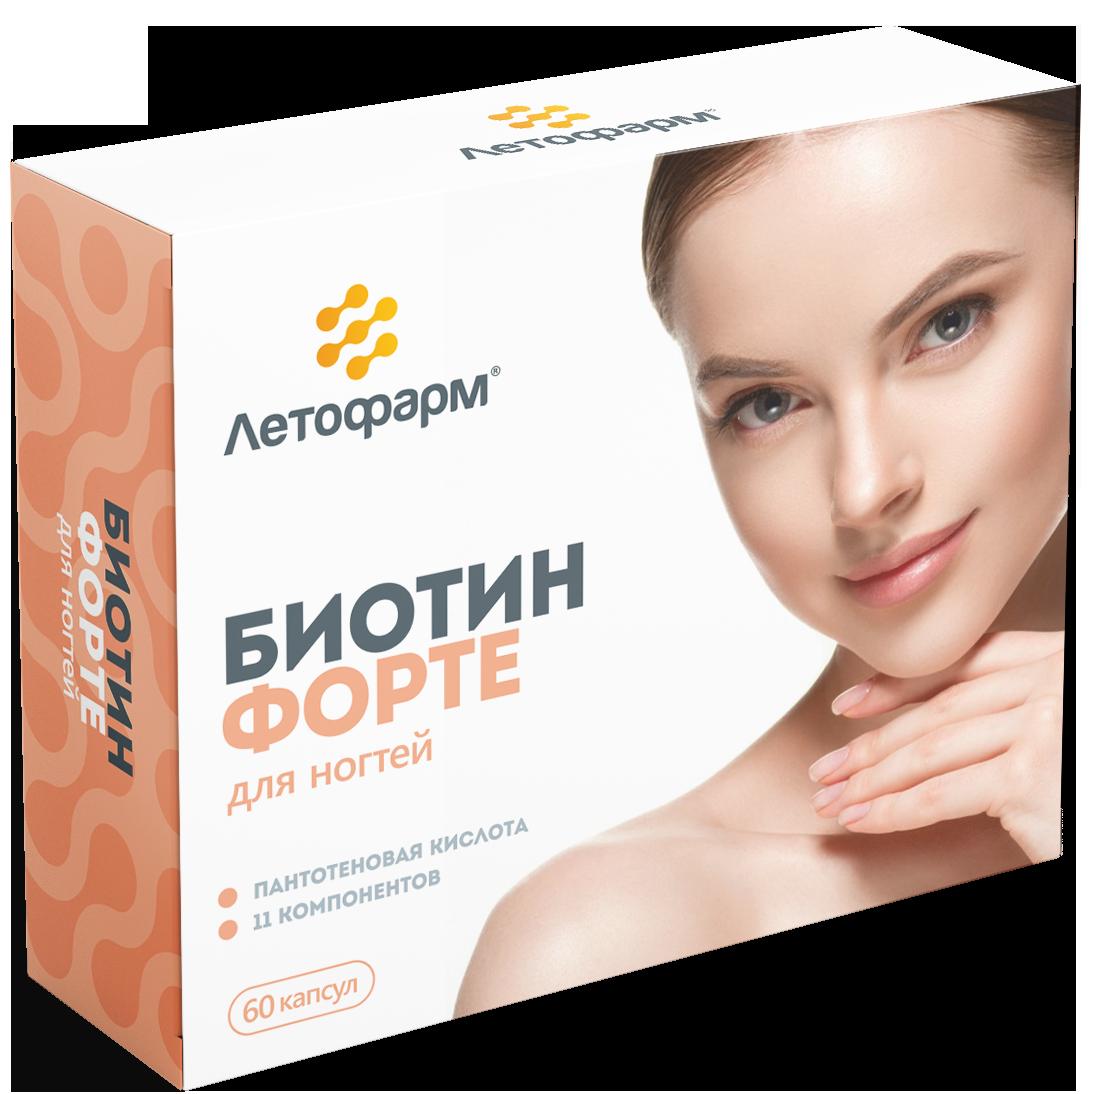 Biotin Forte2